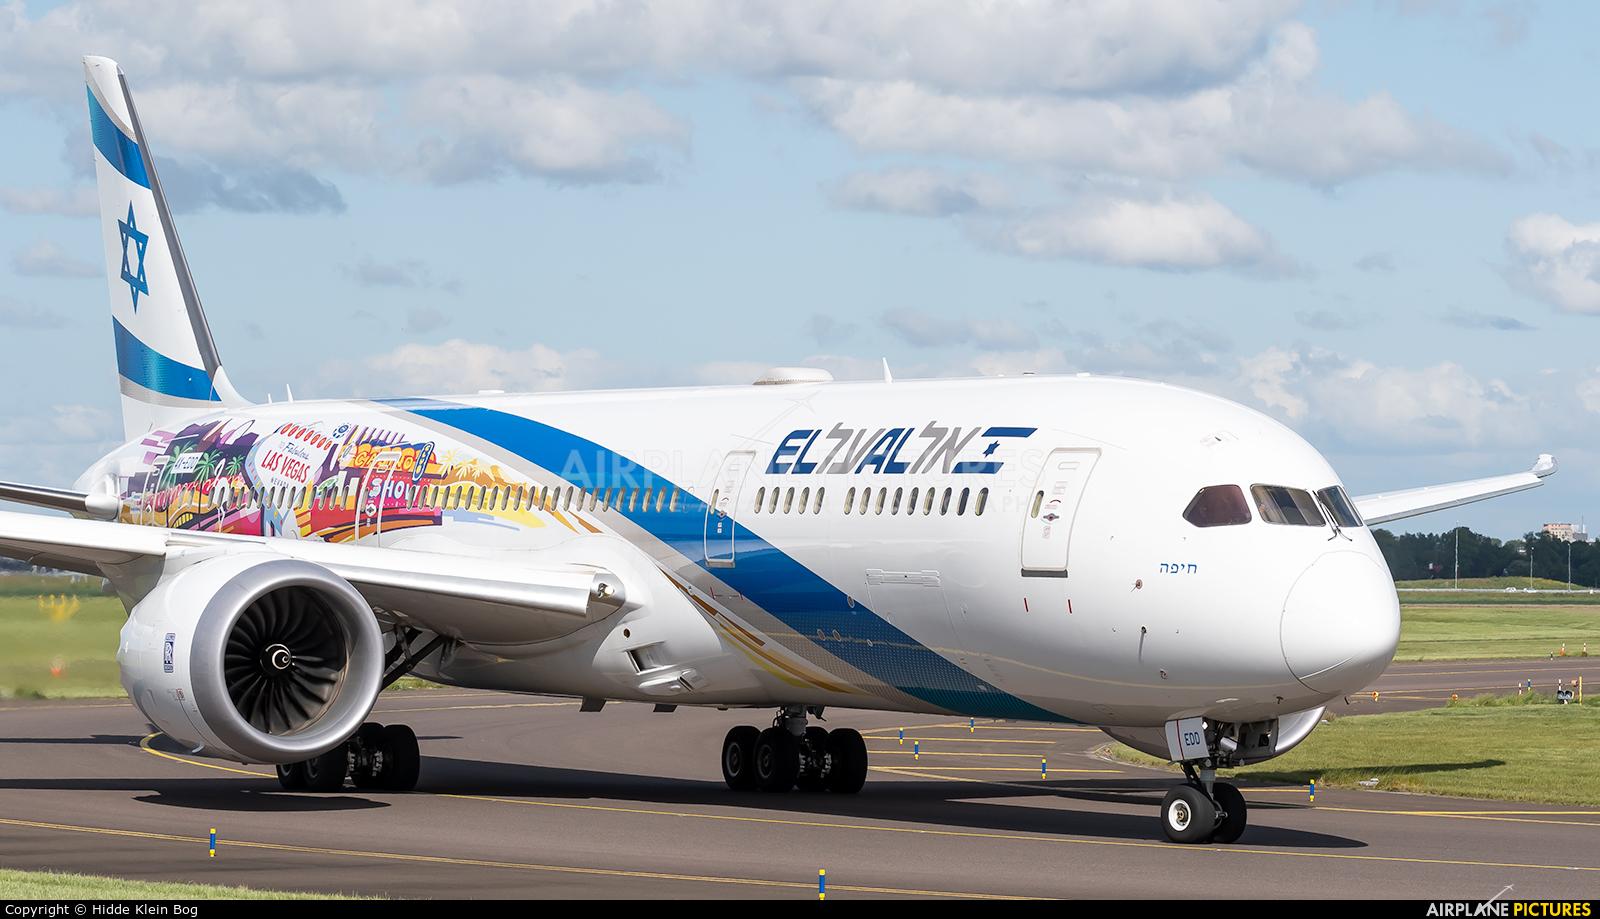 El Al Israel Airlines 4X-EDD aircraft at Amsterdam - Schiphol